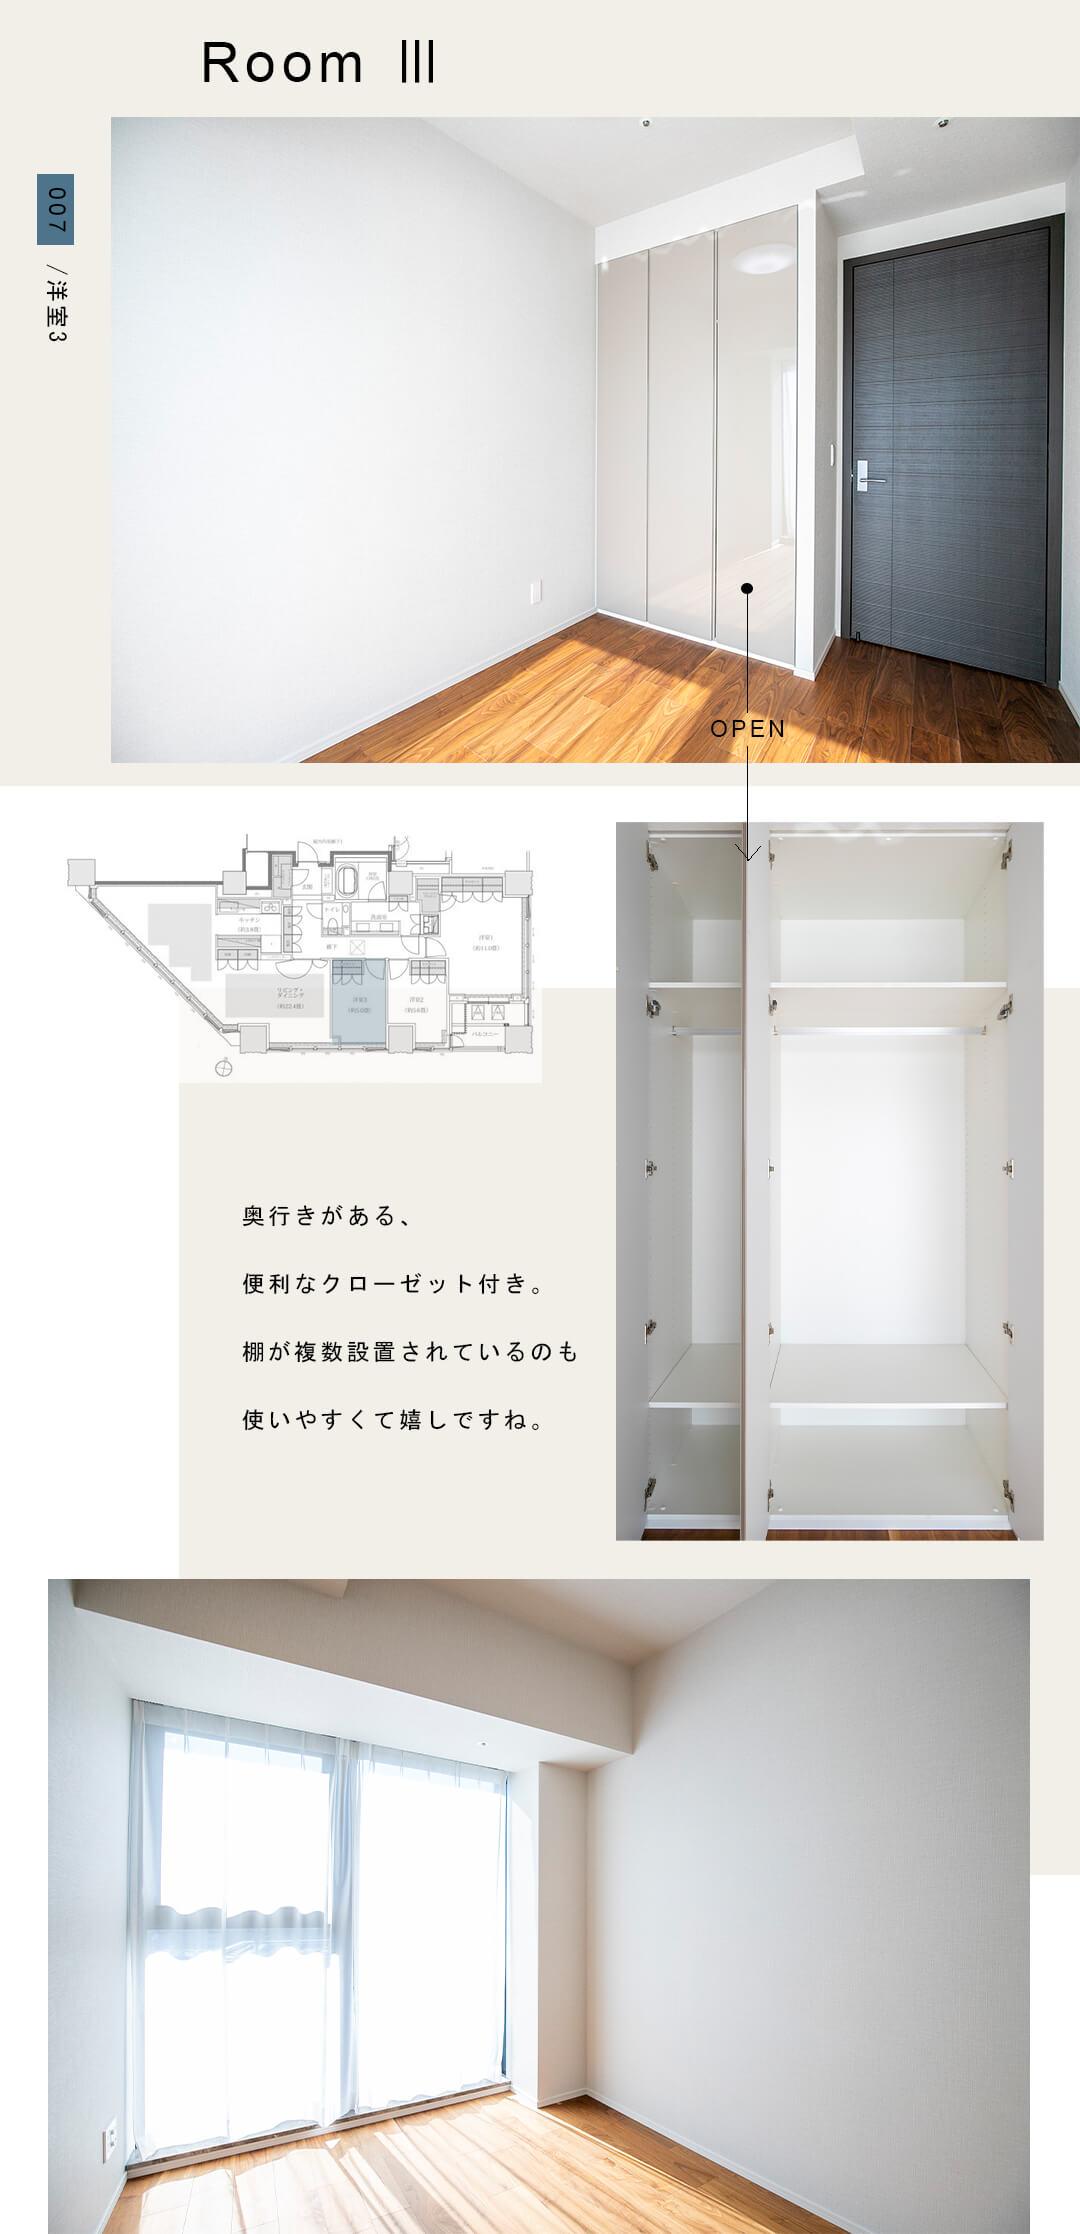 007洋室3,Room Ⅲ